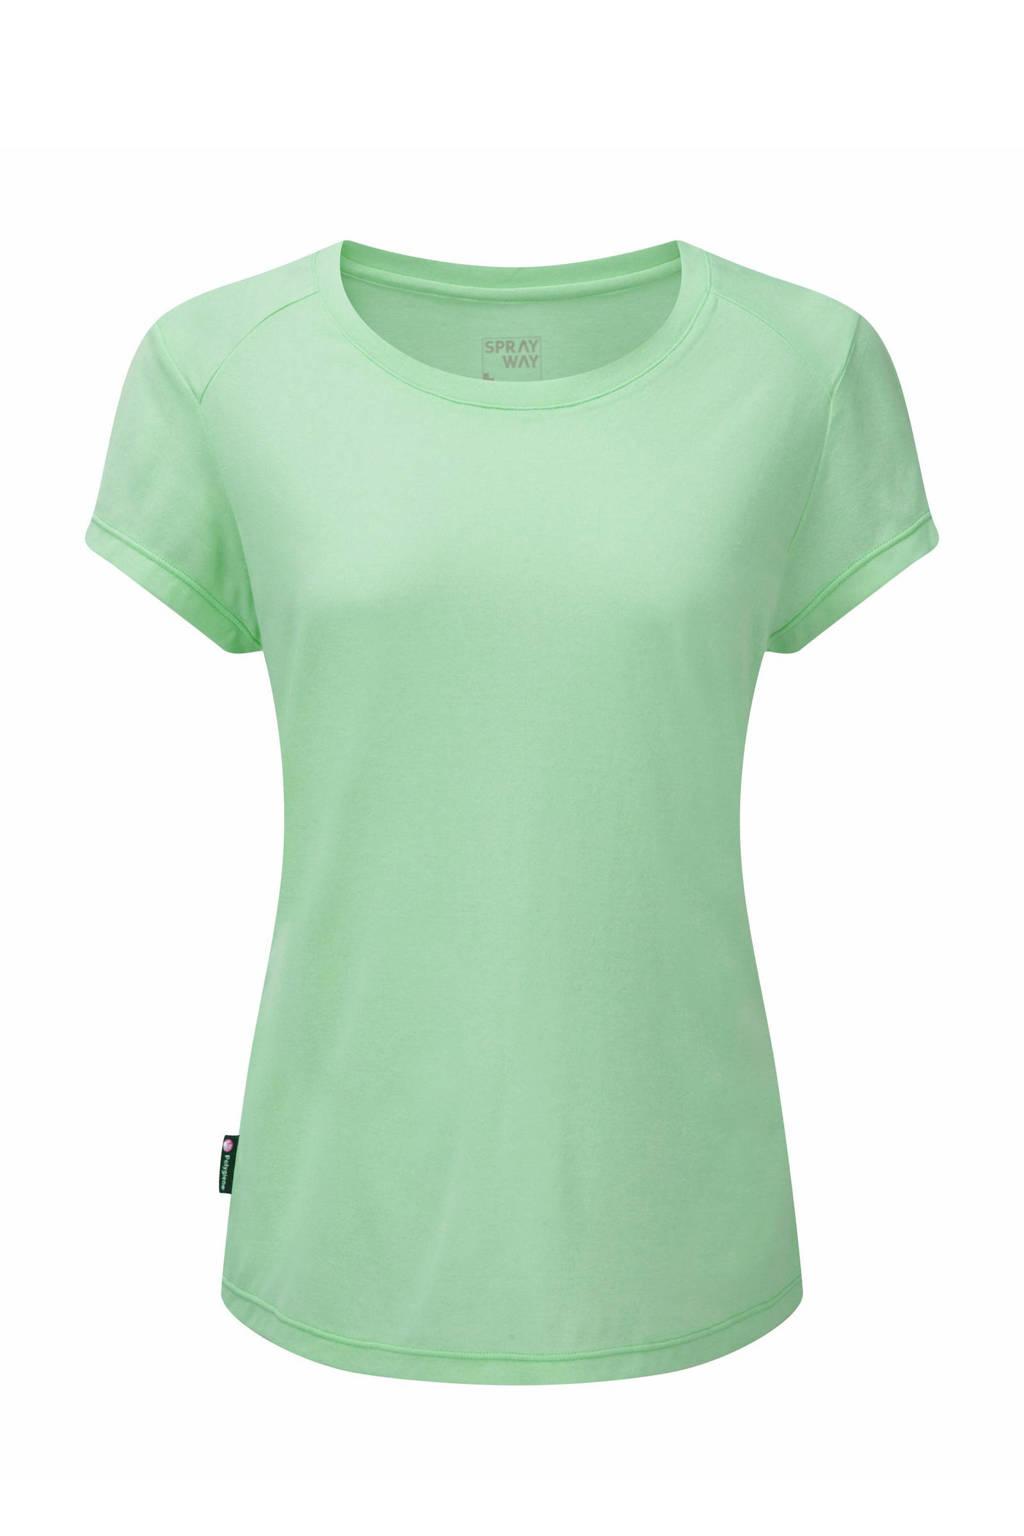 Sprayway outdoor T-shirt Cluaran mintgroen, Mintgroen